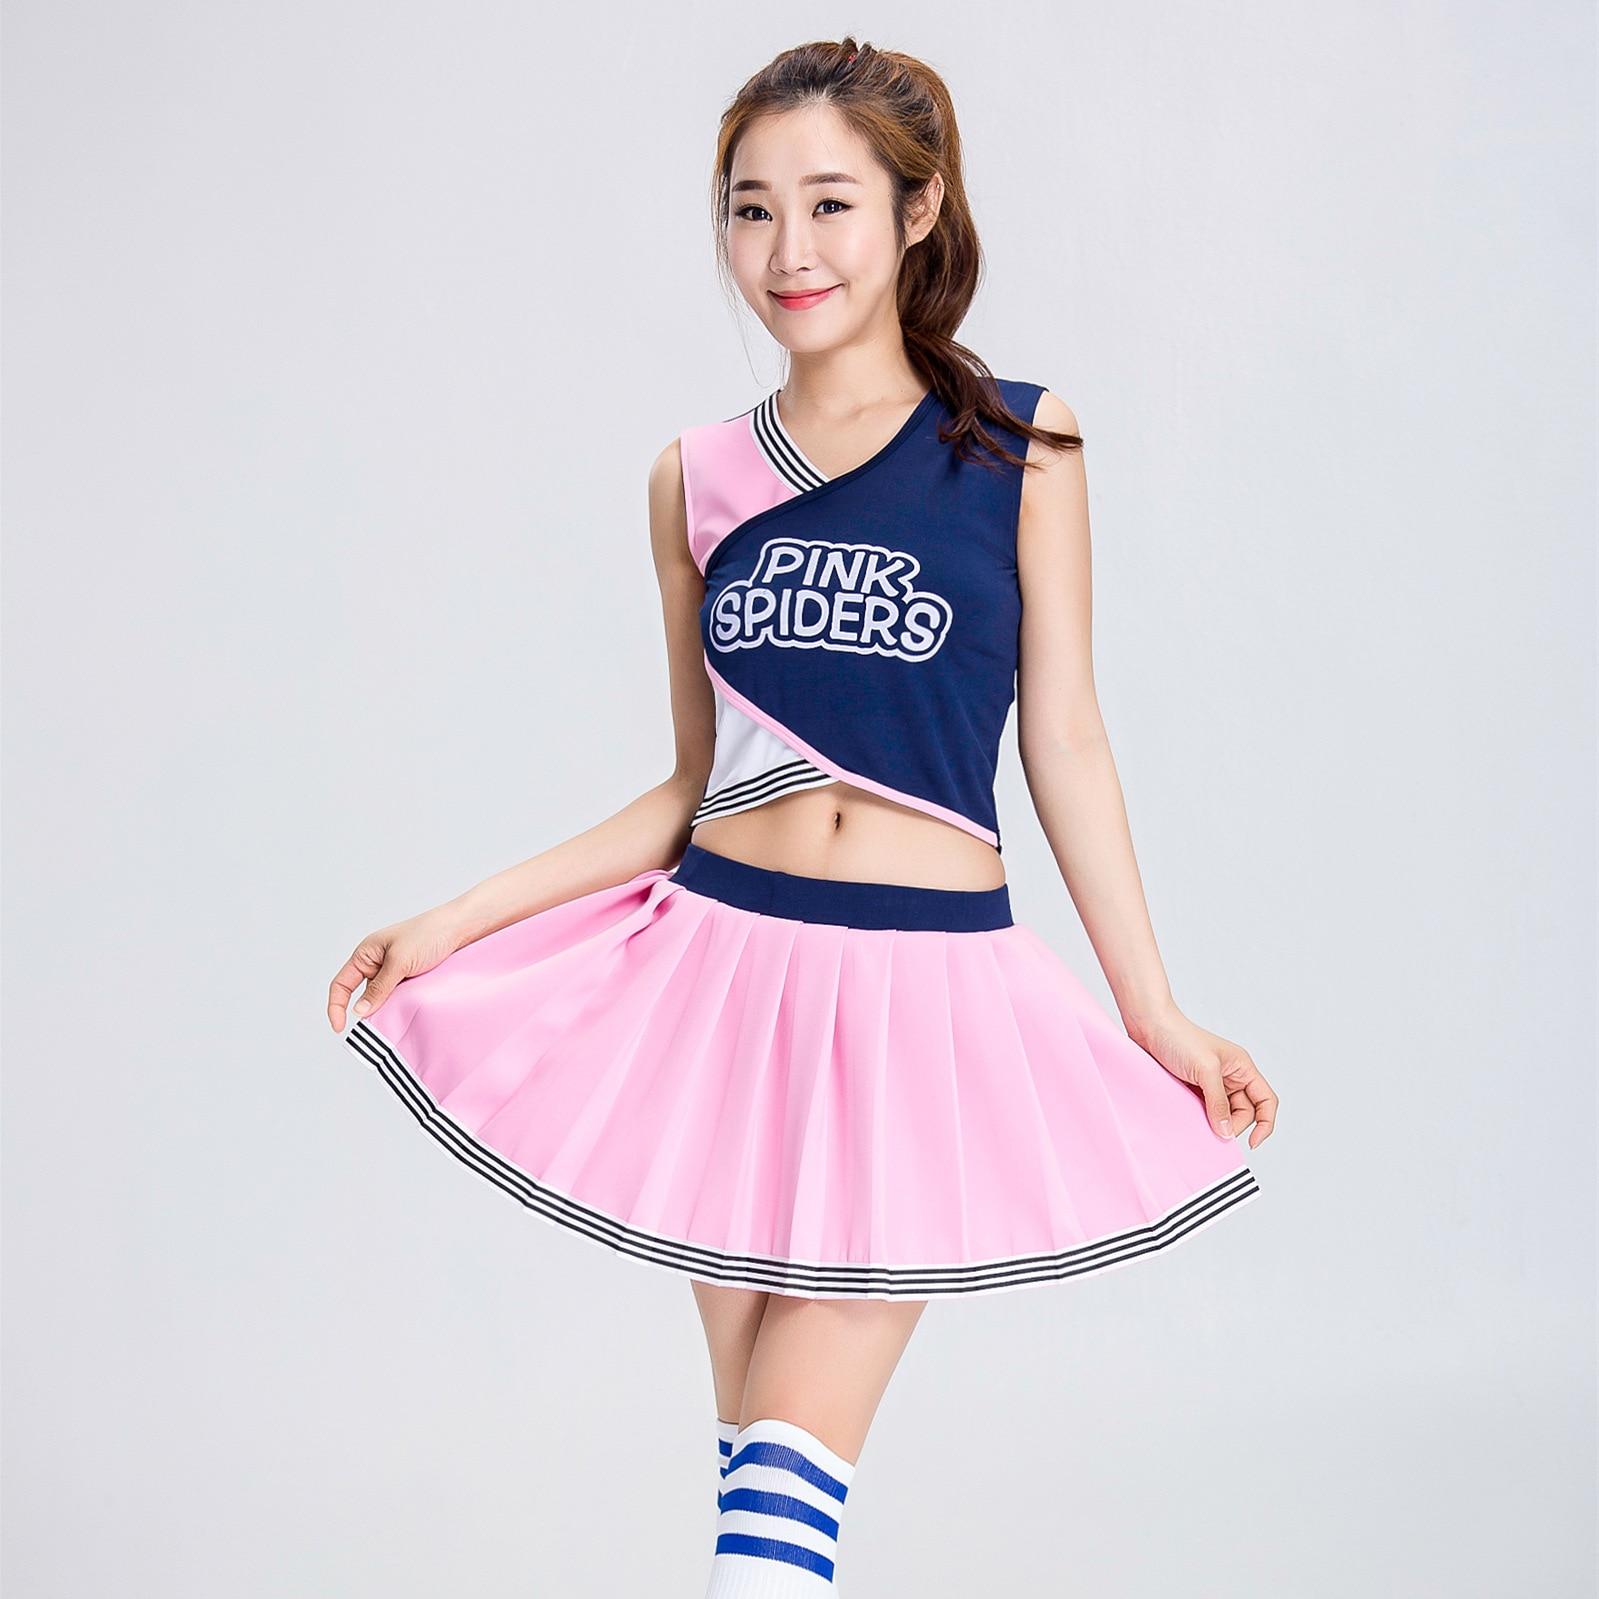 Комплект одежды для ролевых игр для девочек и девочек, одежда для взрослых, одежда для Черлидинга, спортивные костюмы для Черлидинга